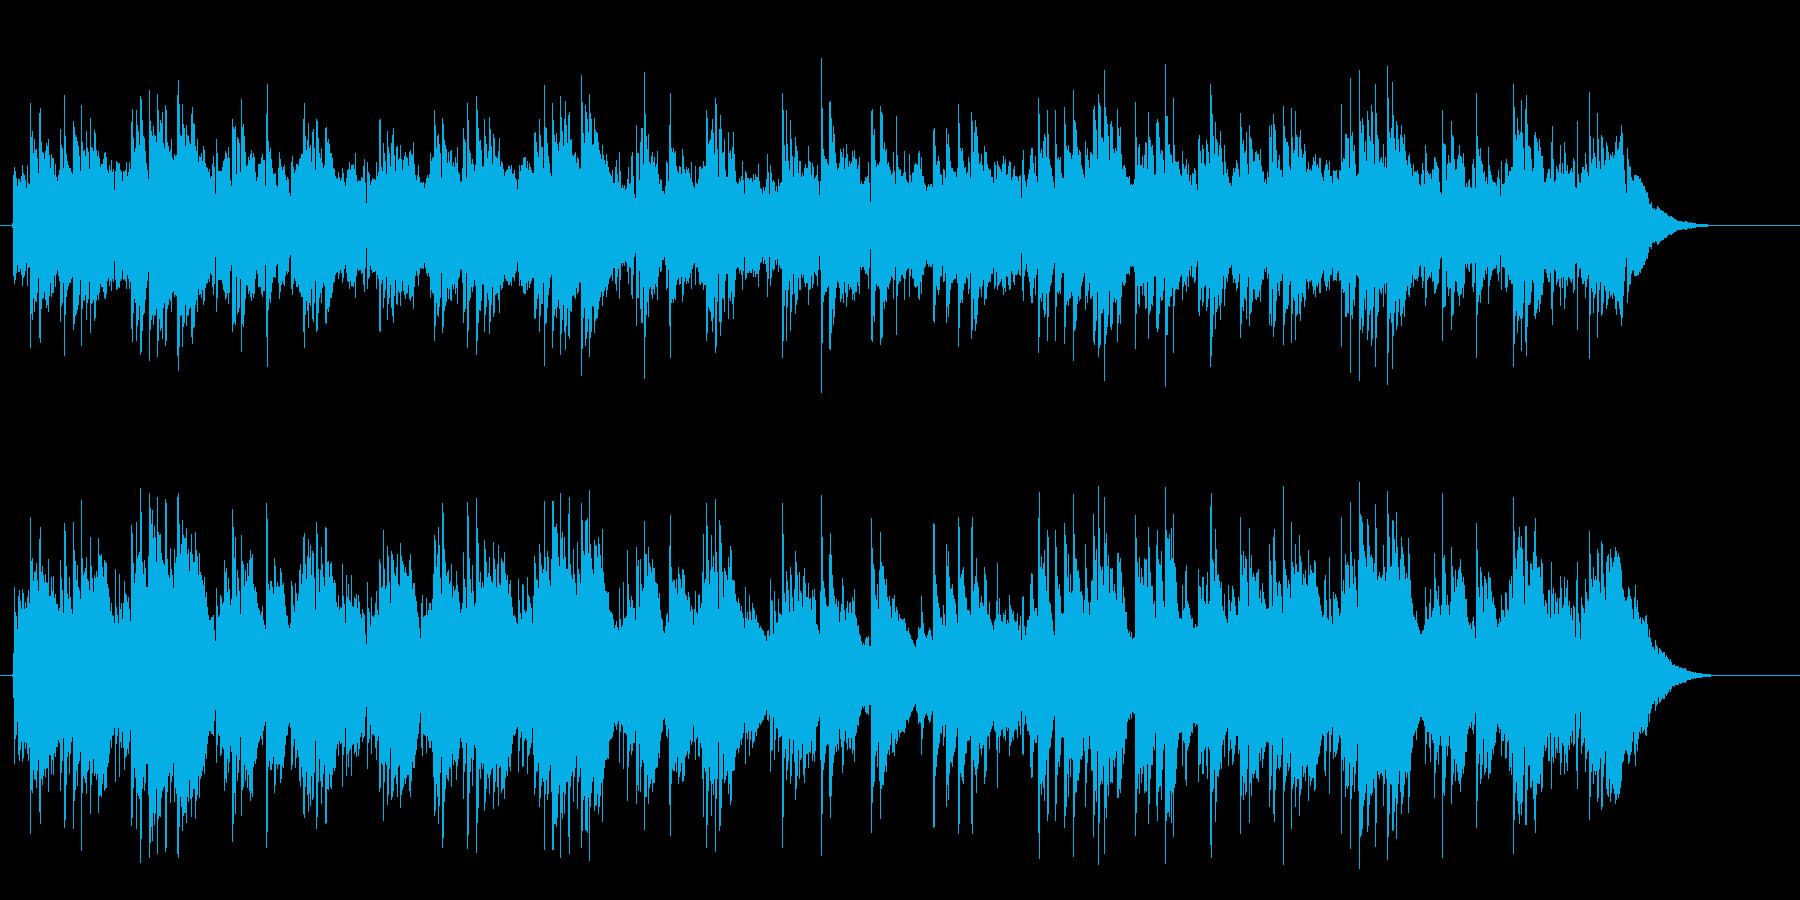 シンプルで暖かいアコースティックフォークの再生済みの波形